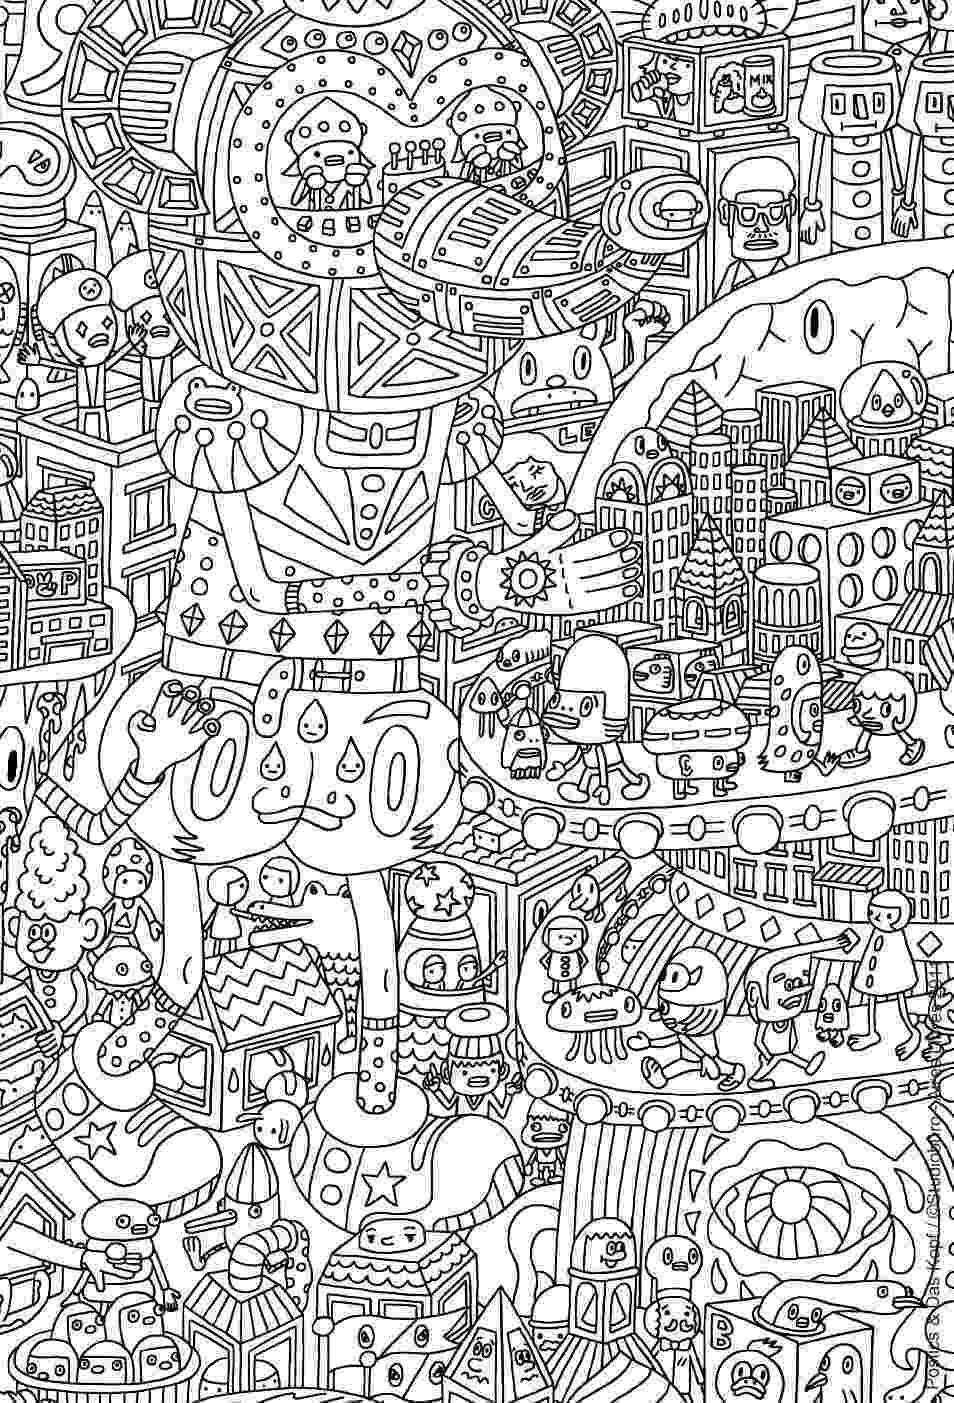 doodle art printables doodle coloring pages best coloring pages for kids doodle art printables 1 1